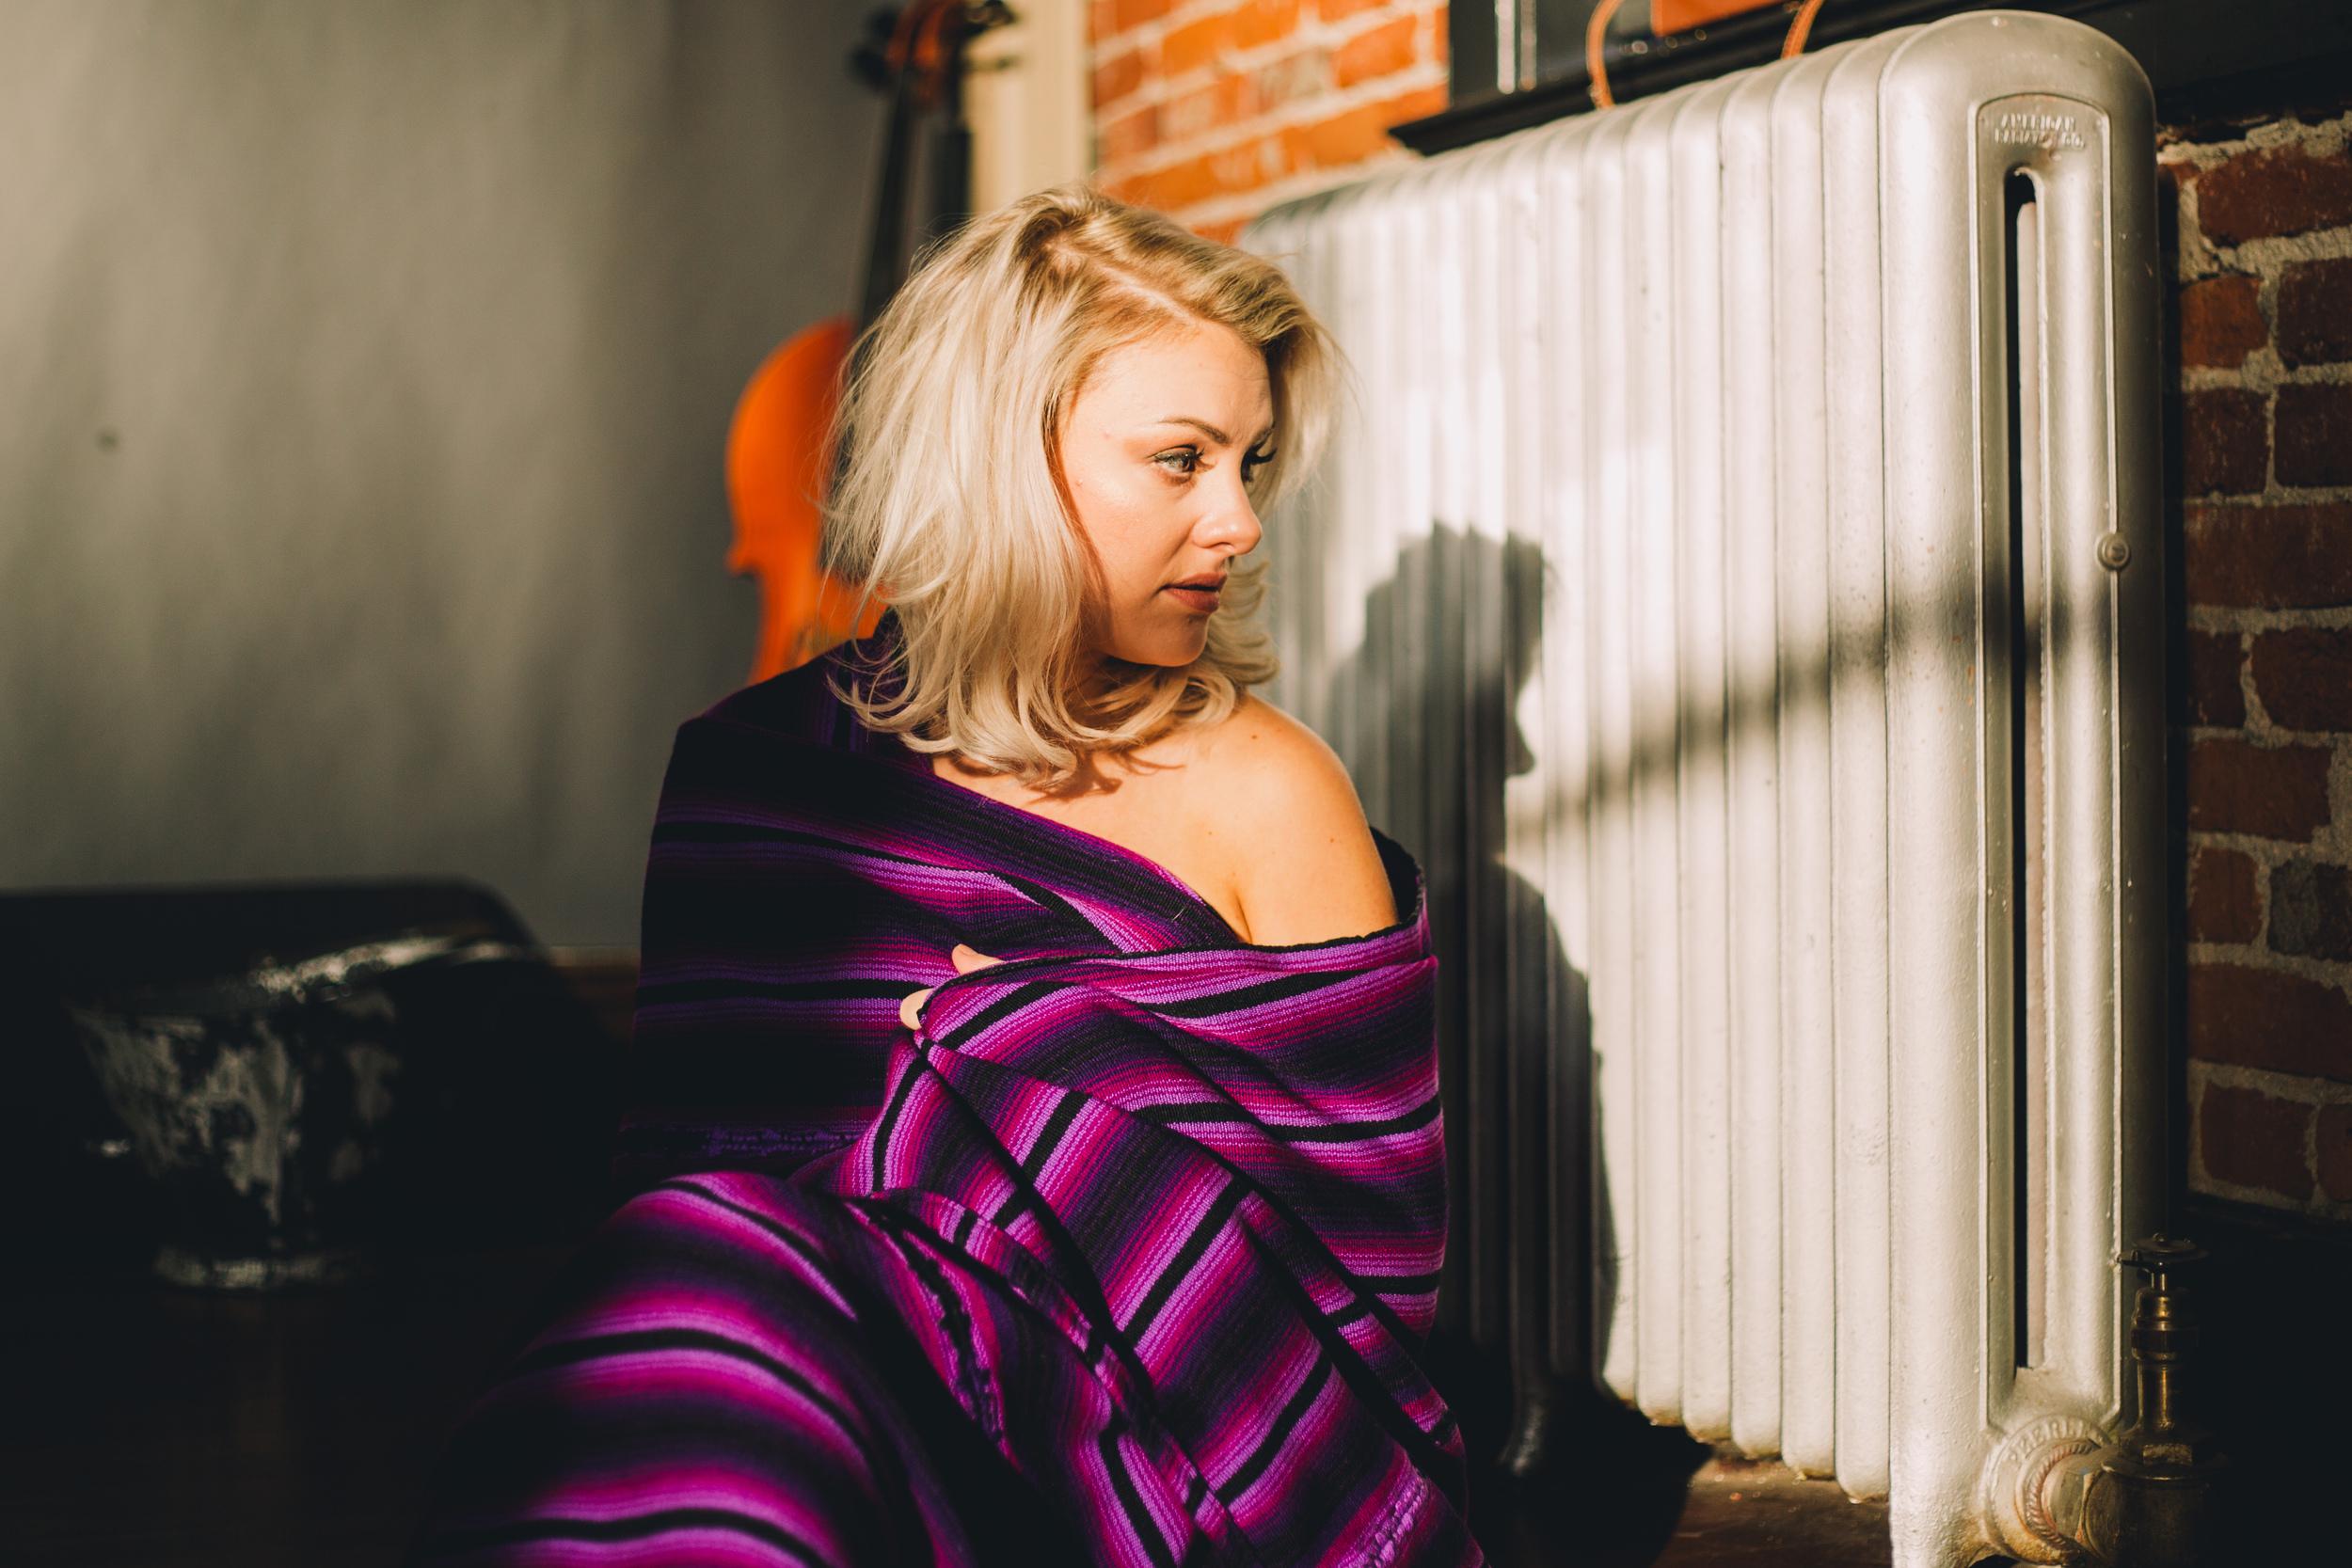 Kristina-81.jpg